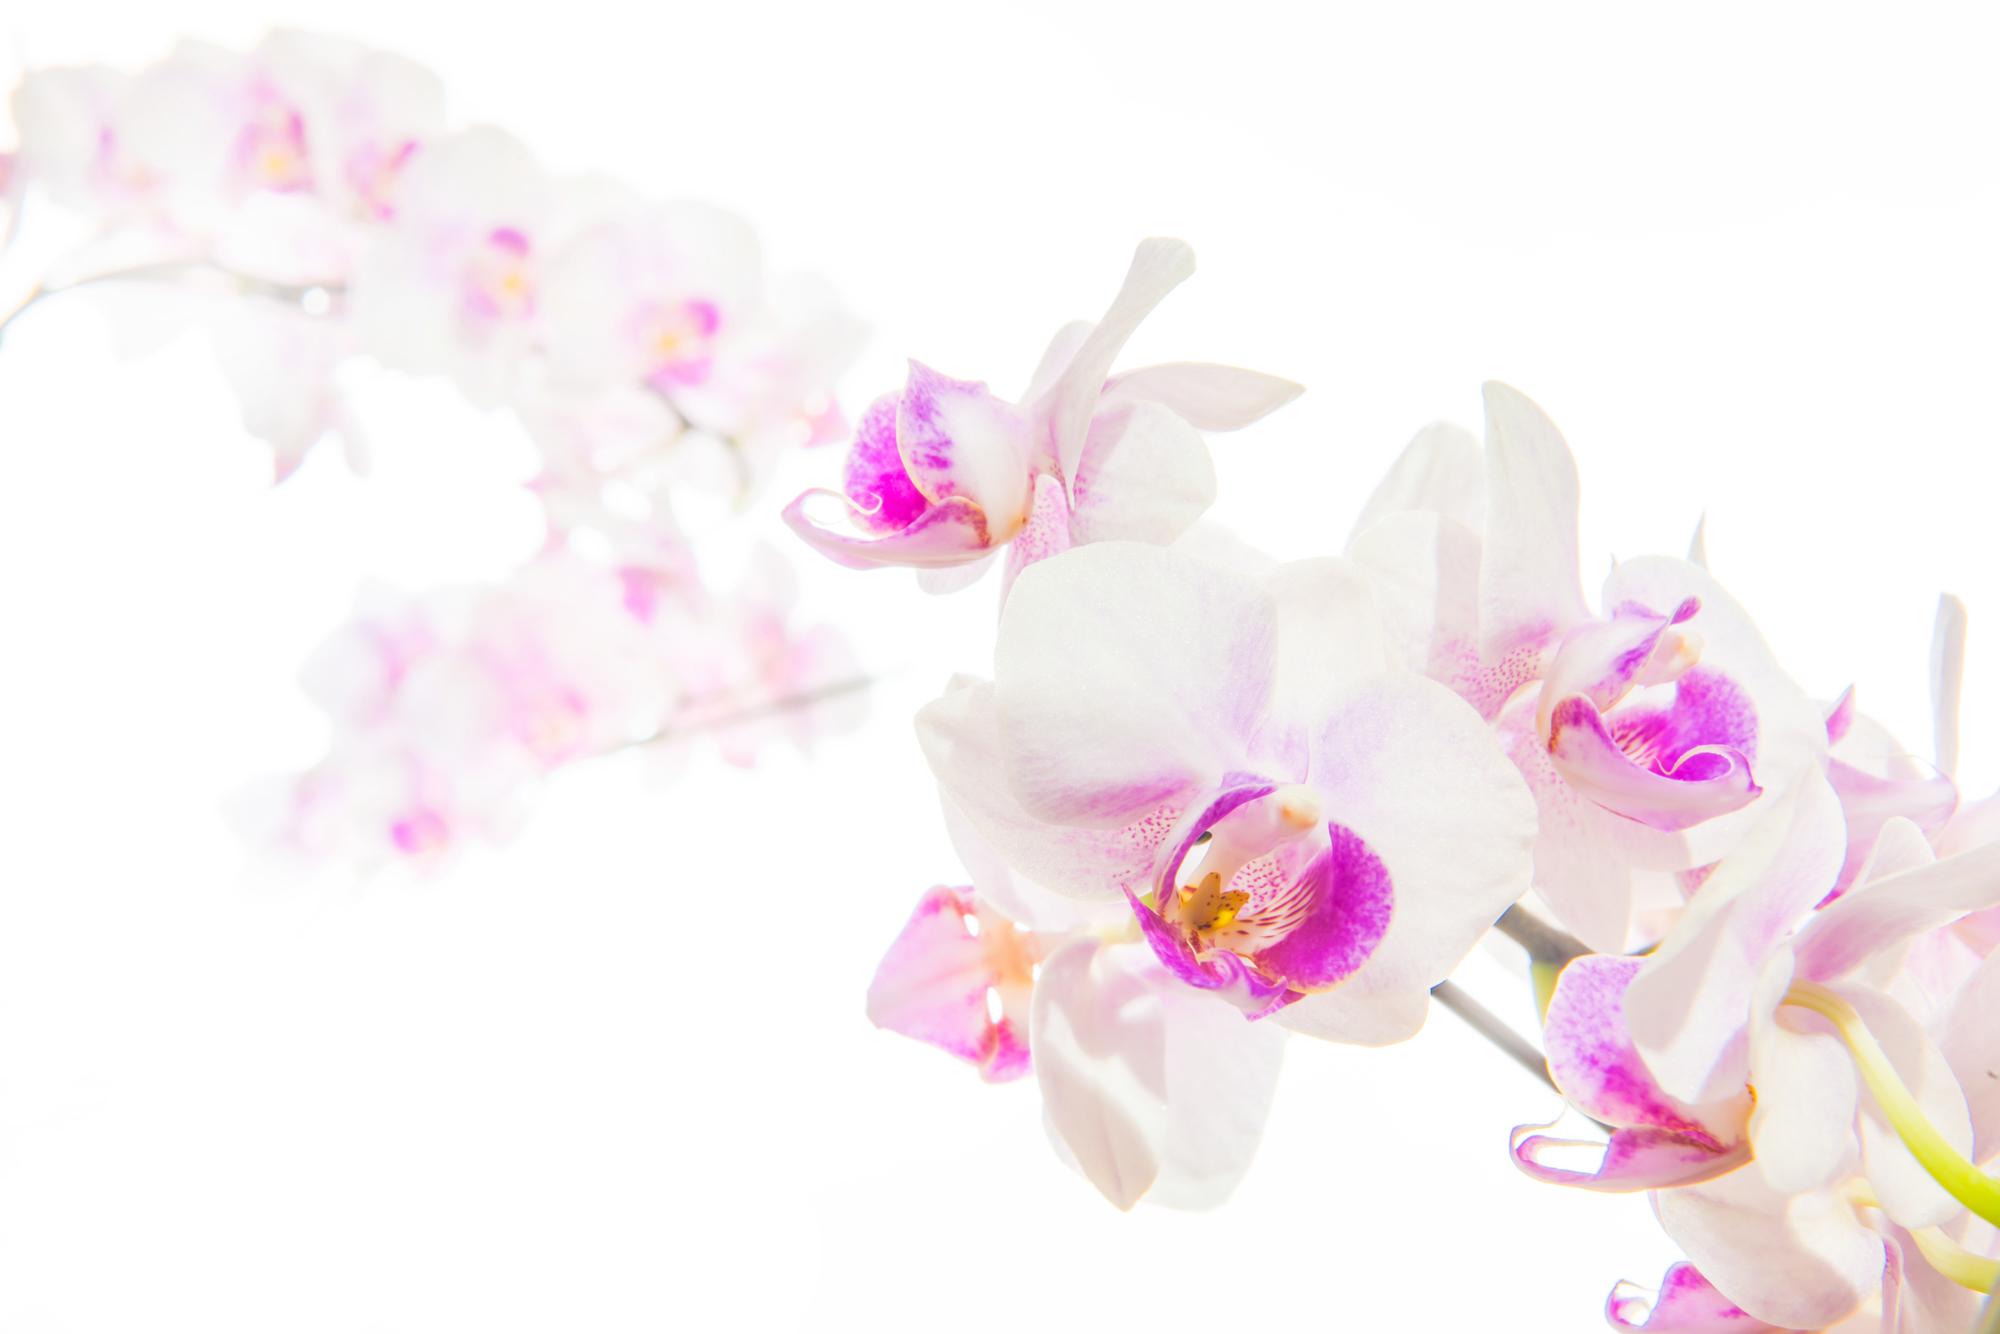 胡蝶蘭をお祝いで贈る場合、どんな色を選べばいいの?